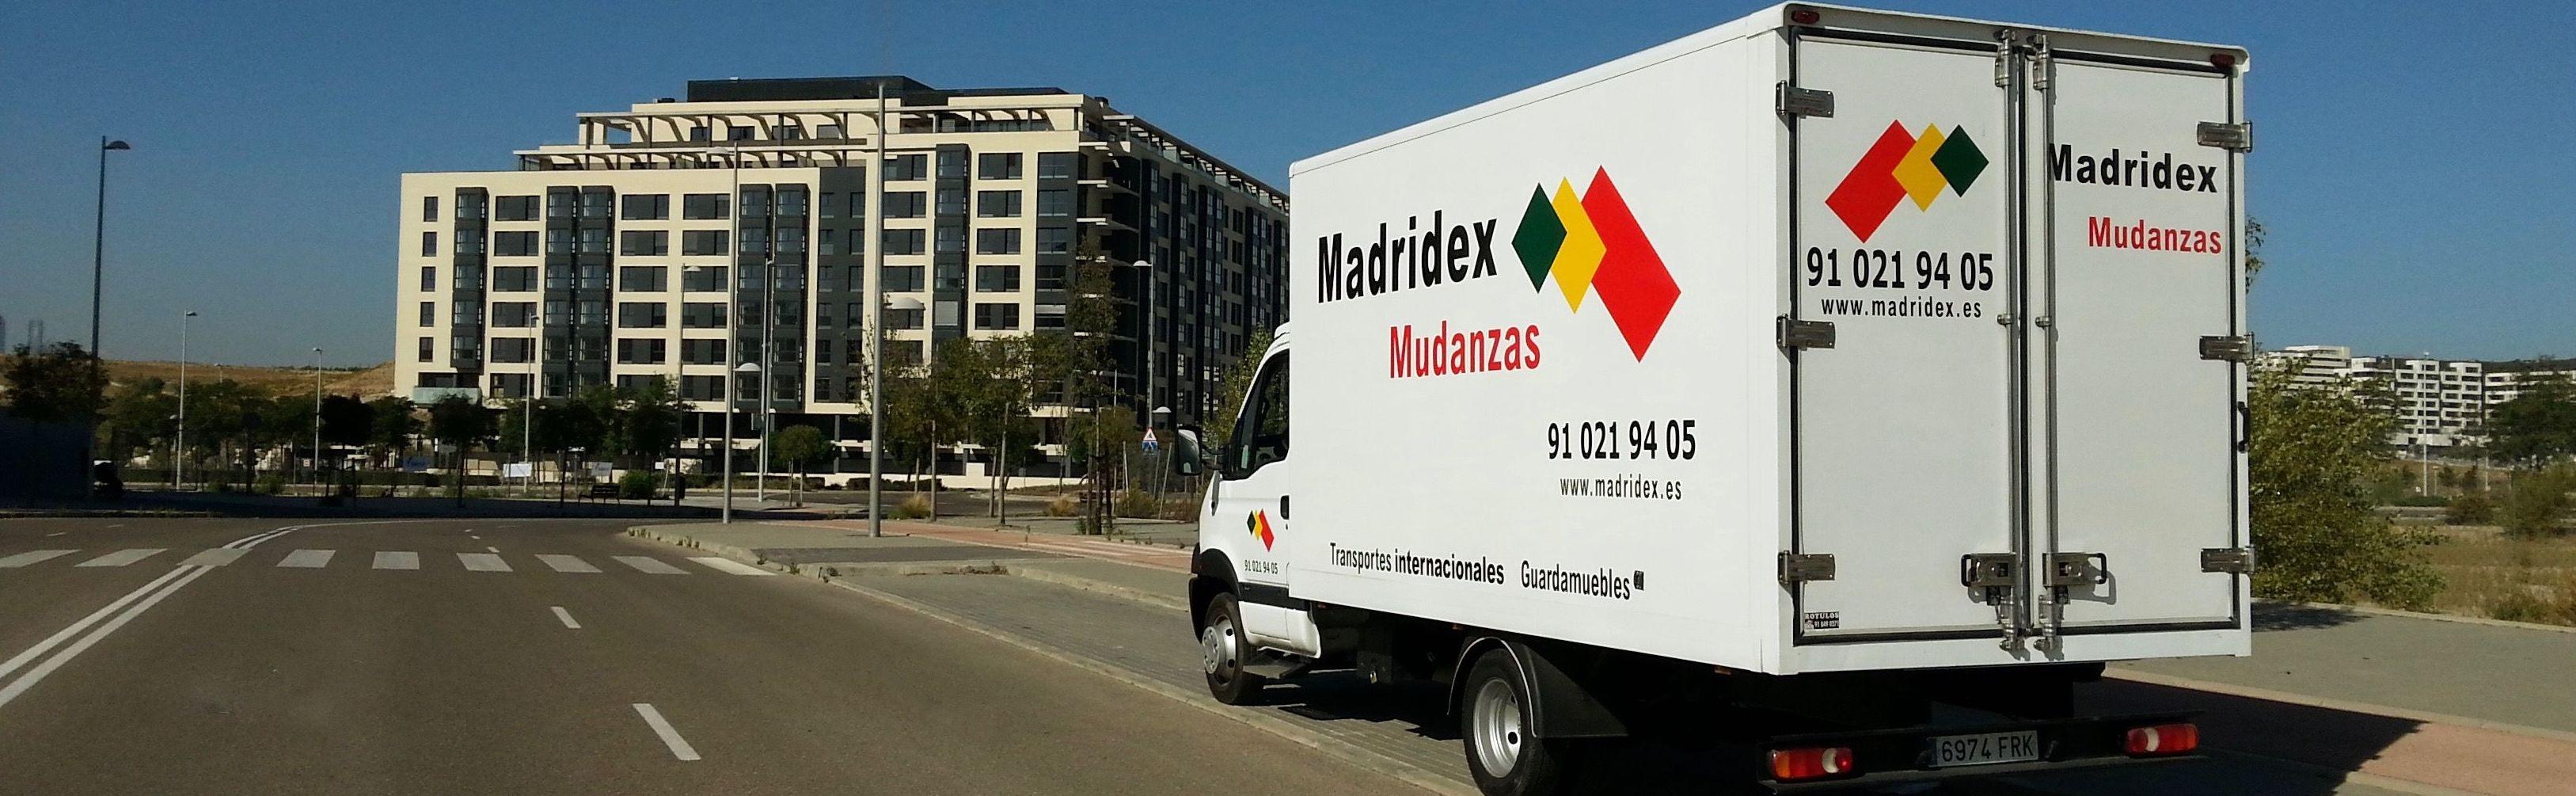 MUDANZAS EN MADRID Y GUARDAMUEBLES